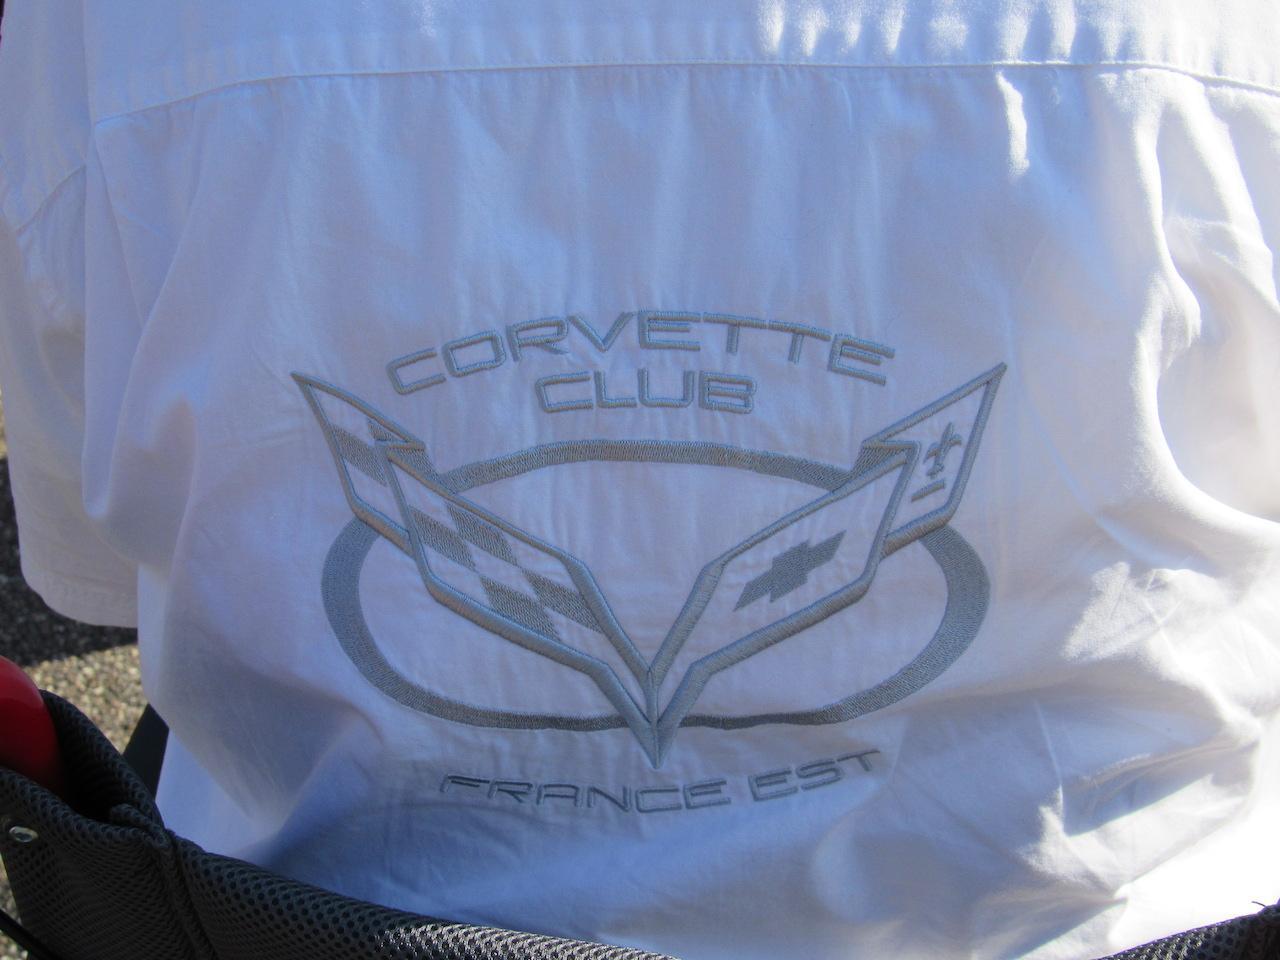 Bl corvette day 3